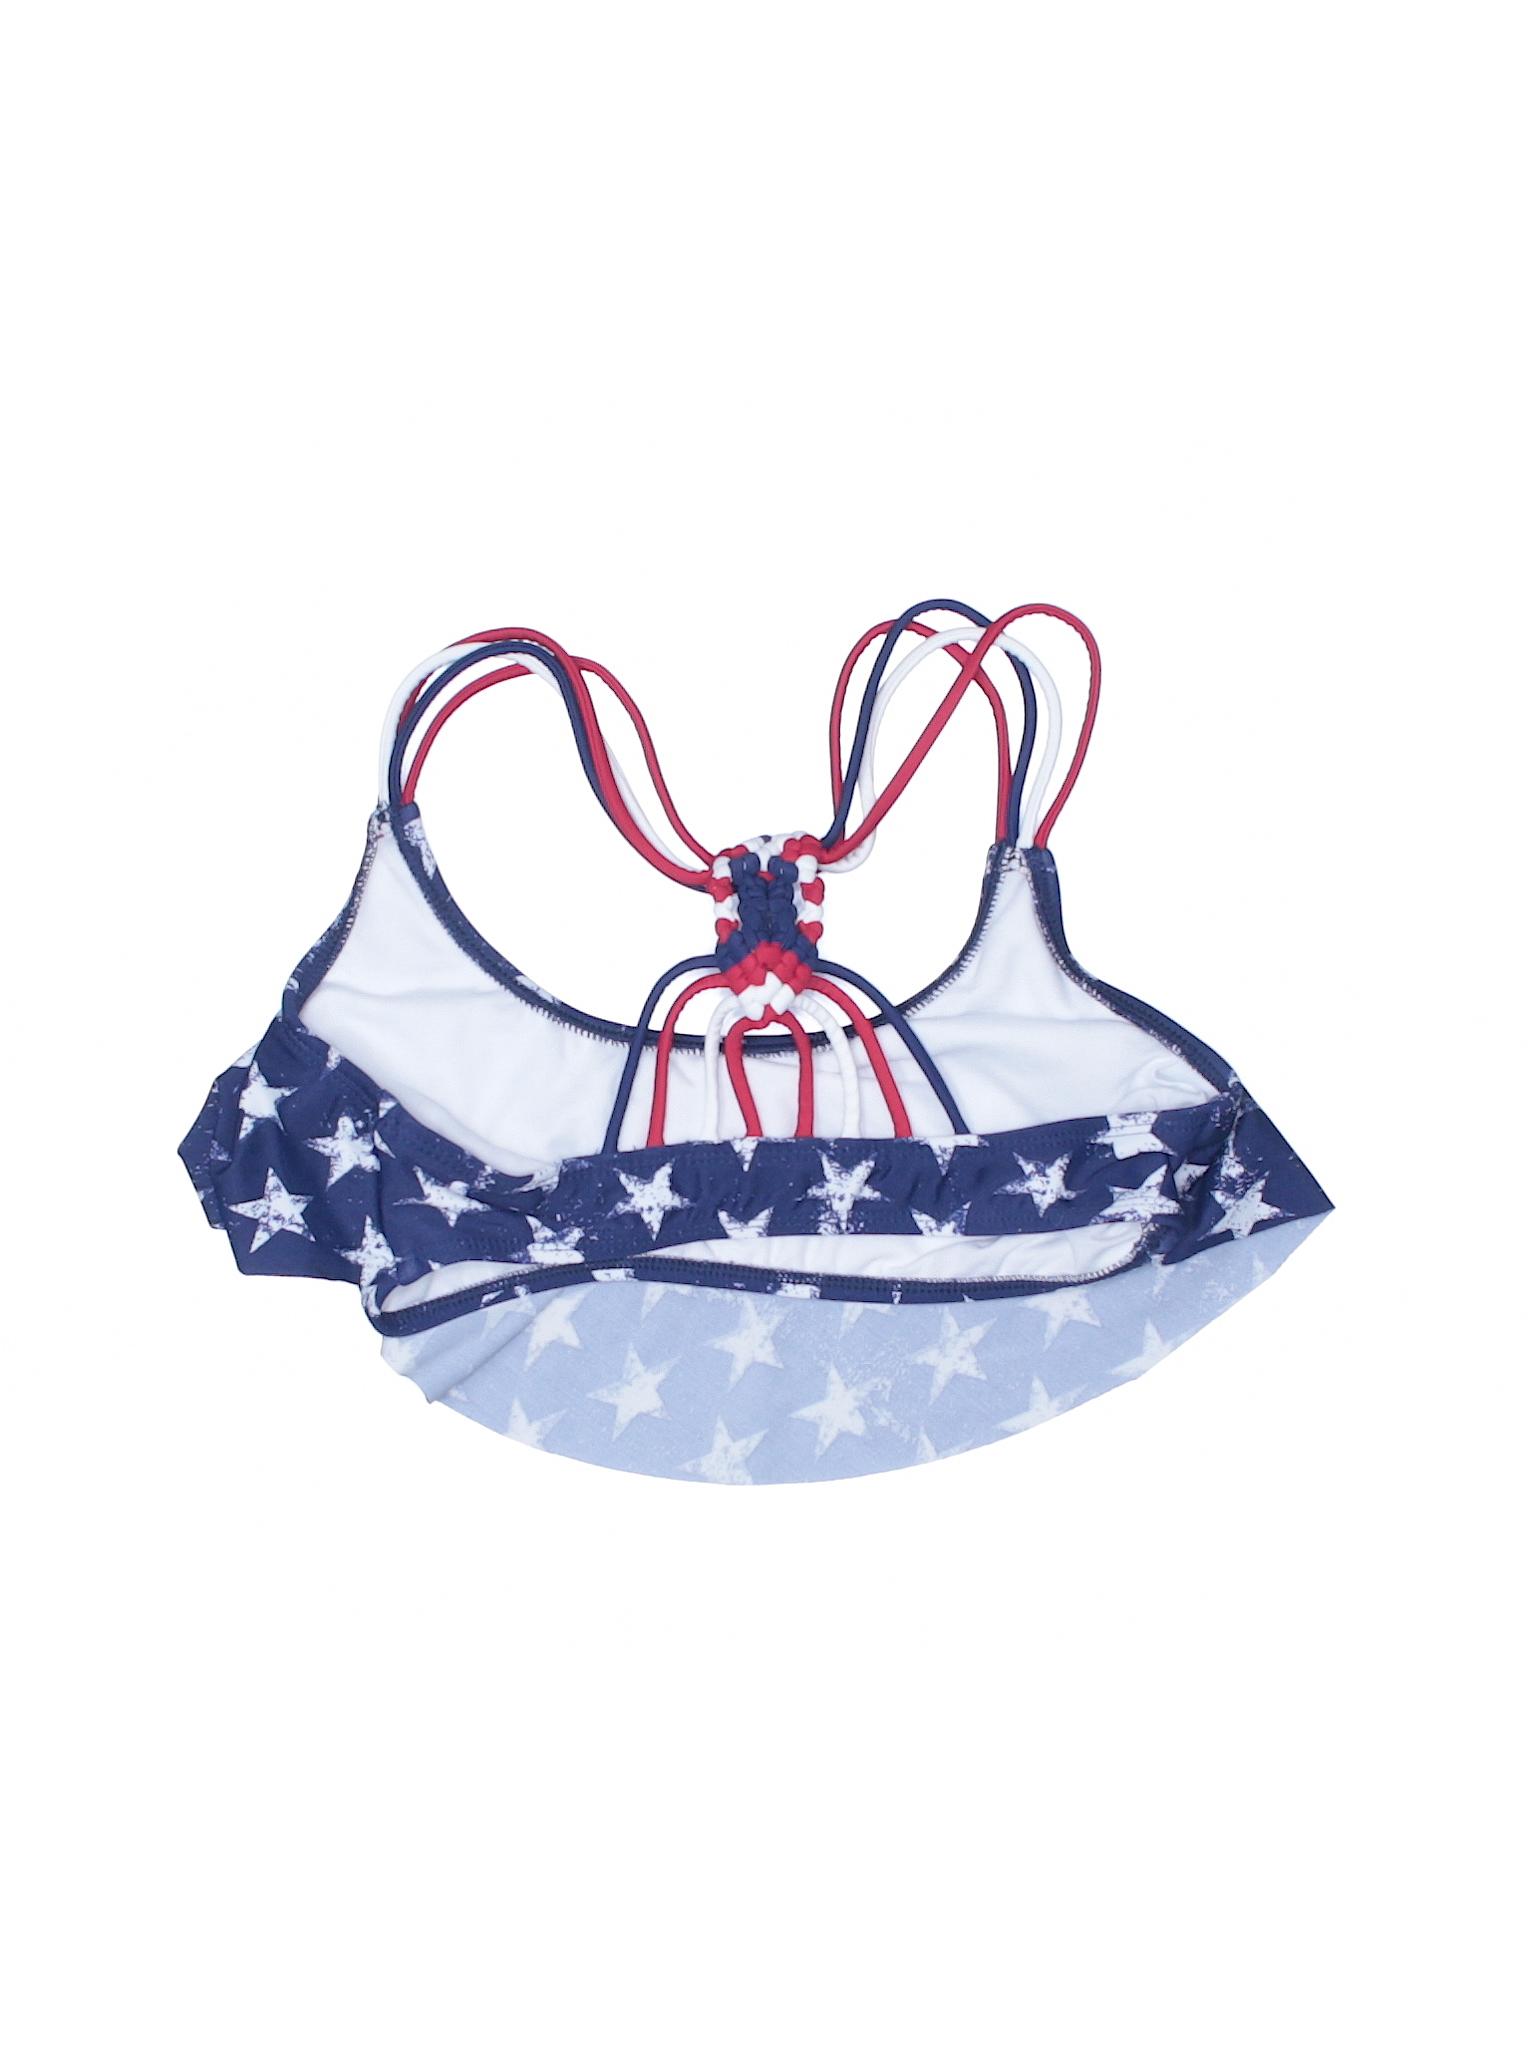 Top Boutique Xhilaration Top Xhilaration Swimsuit Boutique Swimsuit ggrYq